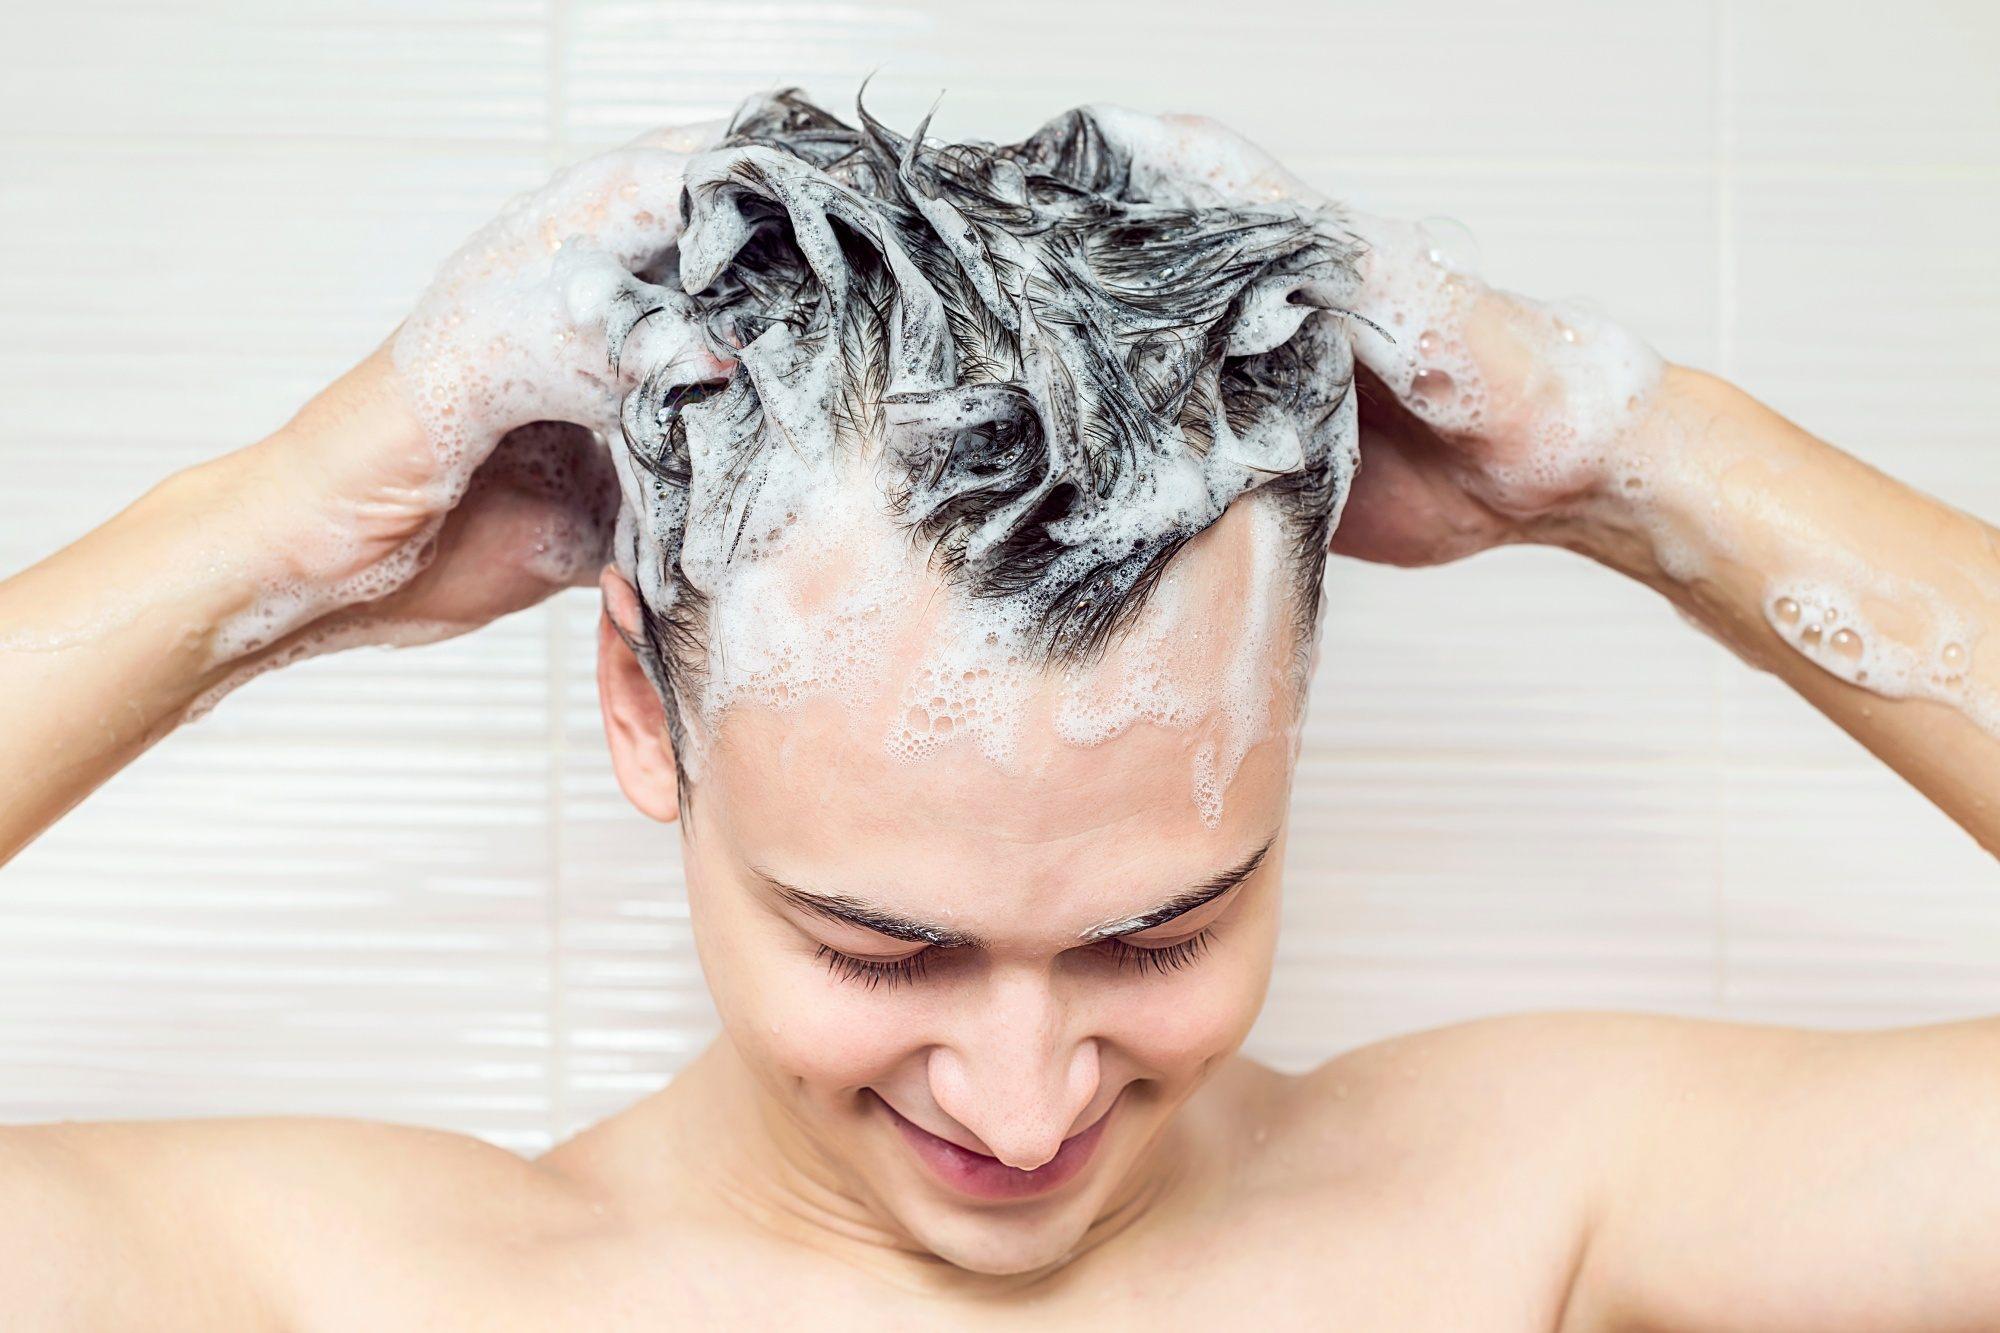 Closeup shot of a Caucasian man shampooing his hair